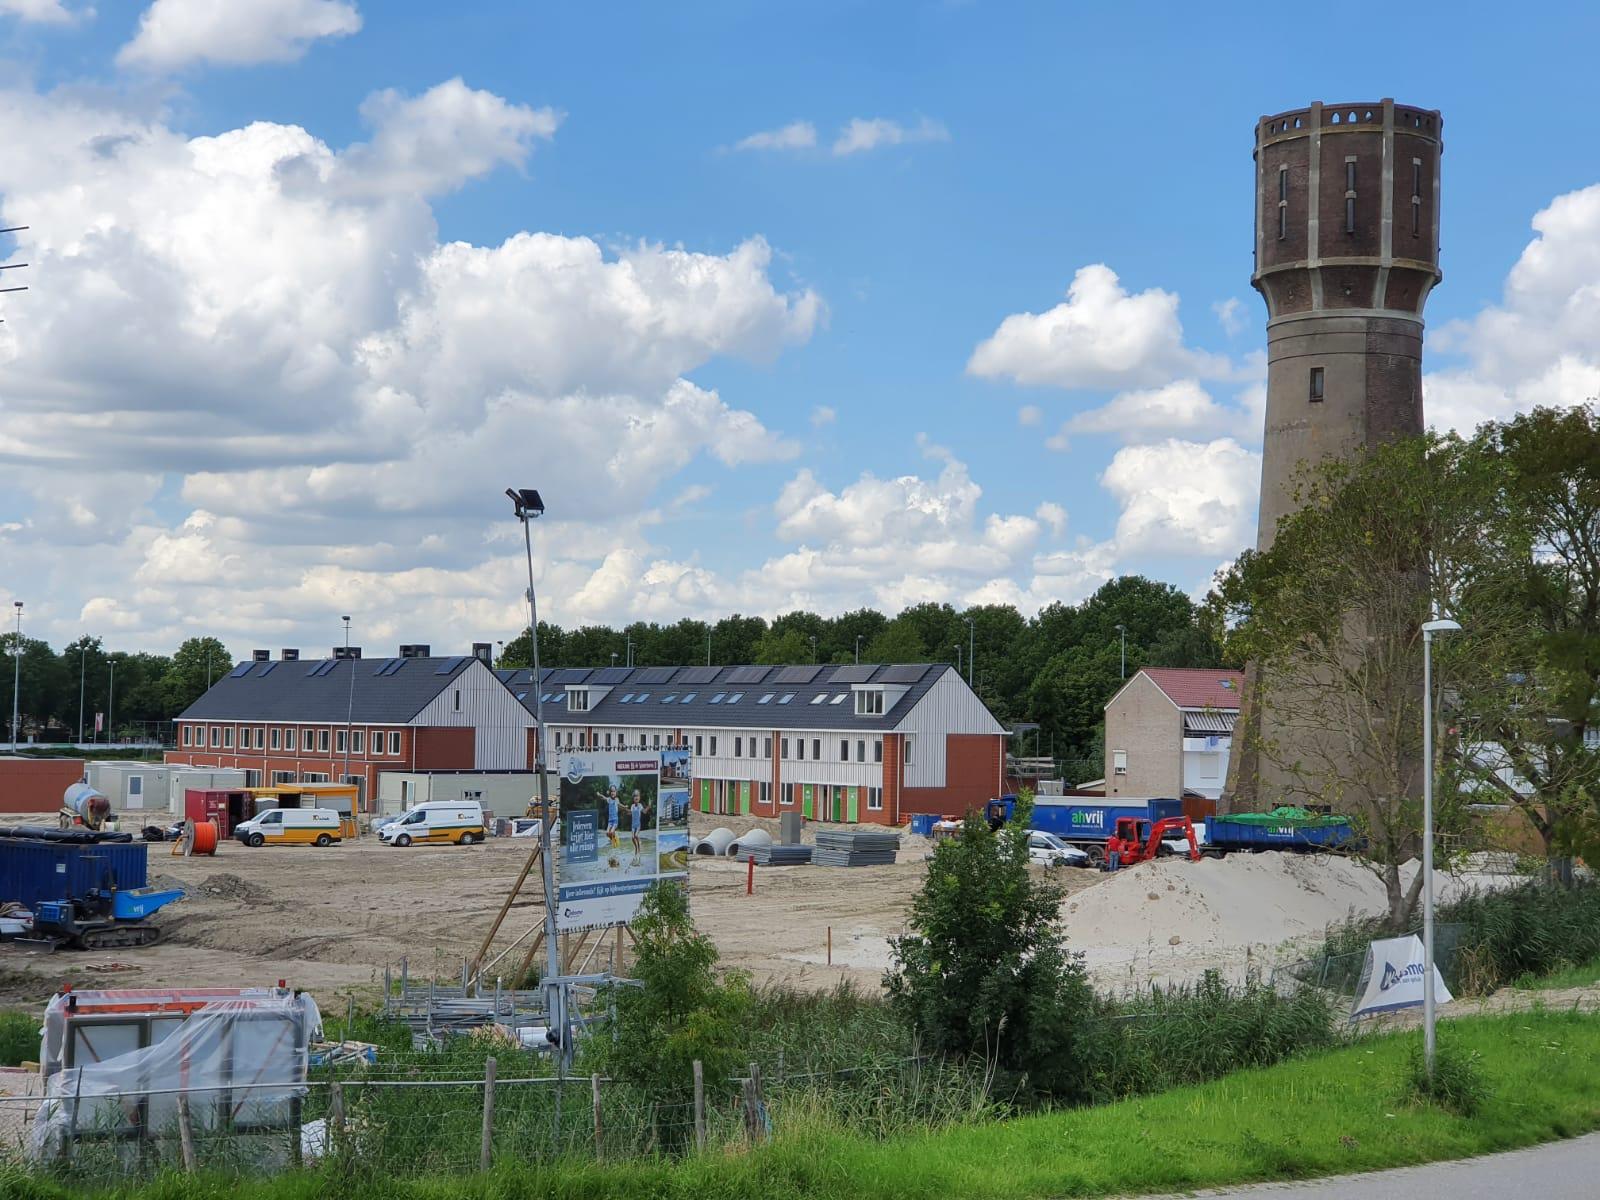 nieuwbouwwoning hoeksche waard 's-gravendeel woningvoorraad toename aantal woningen